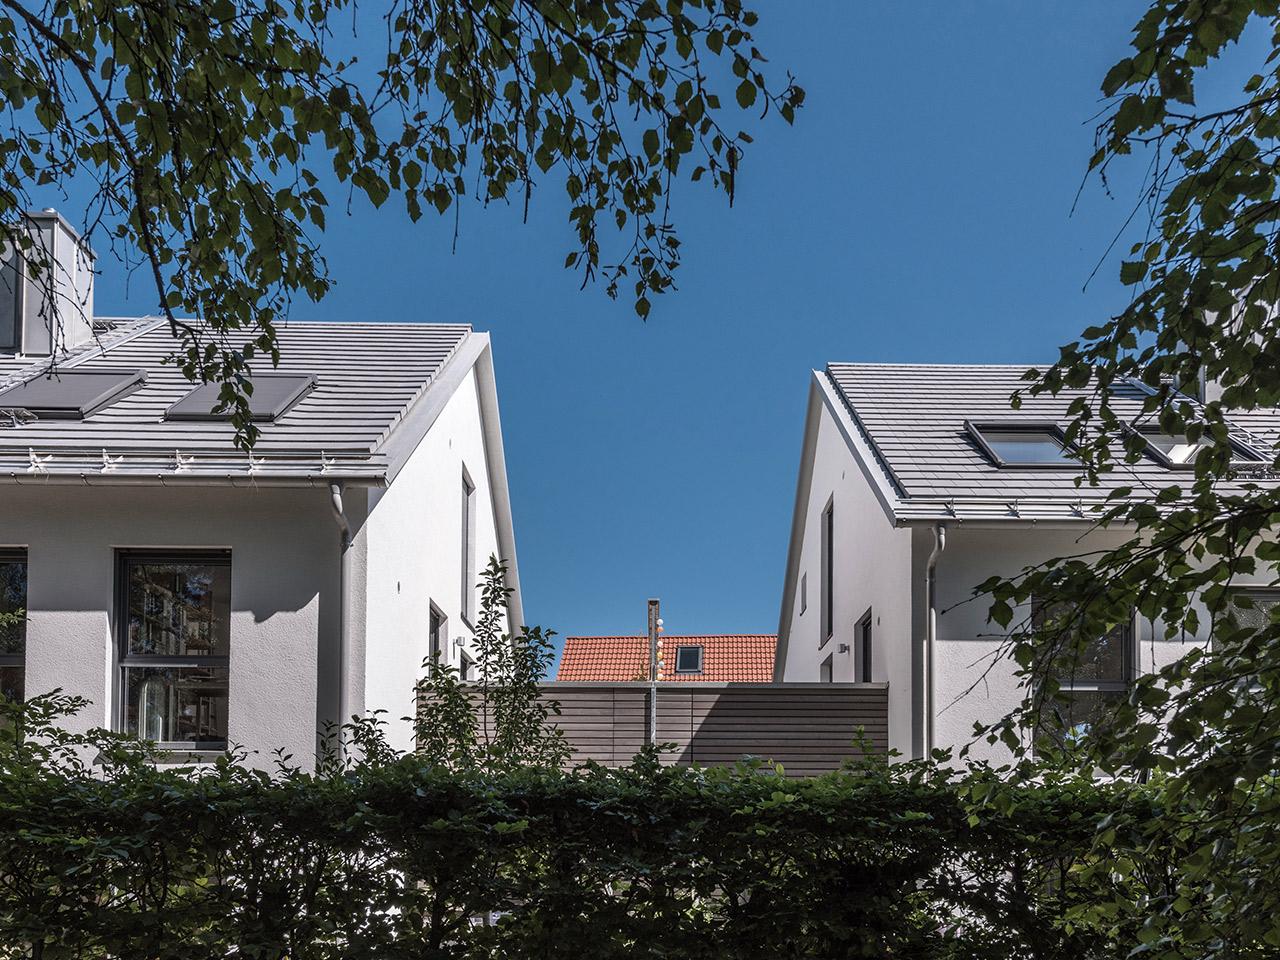 Uttinger Straße Schondorf am Ammersee